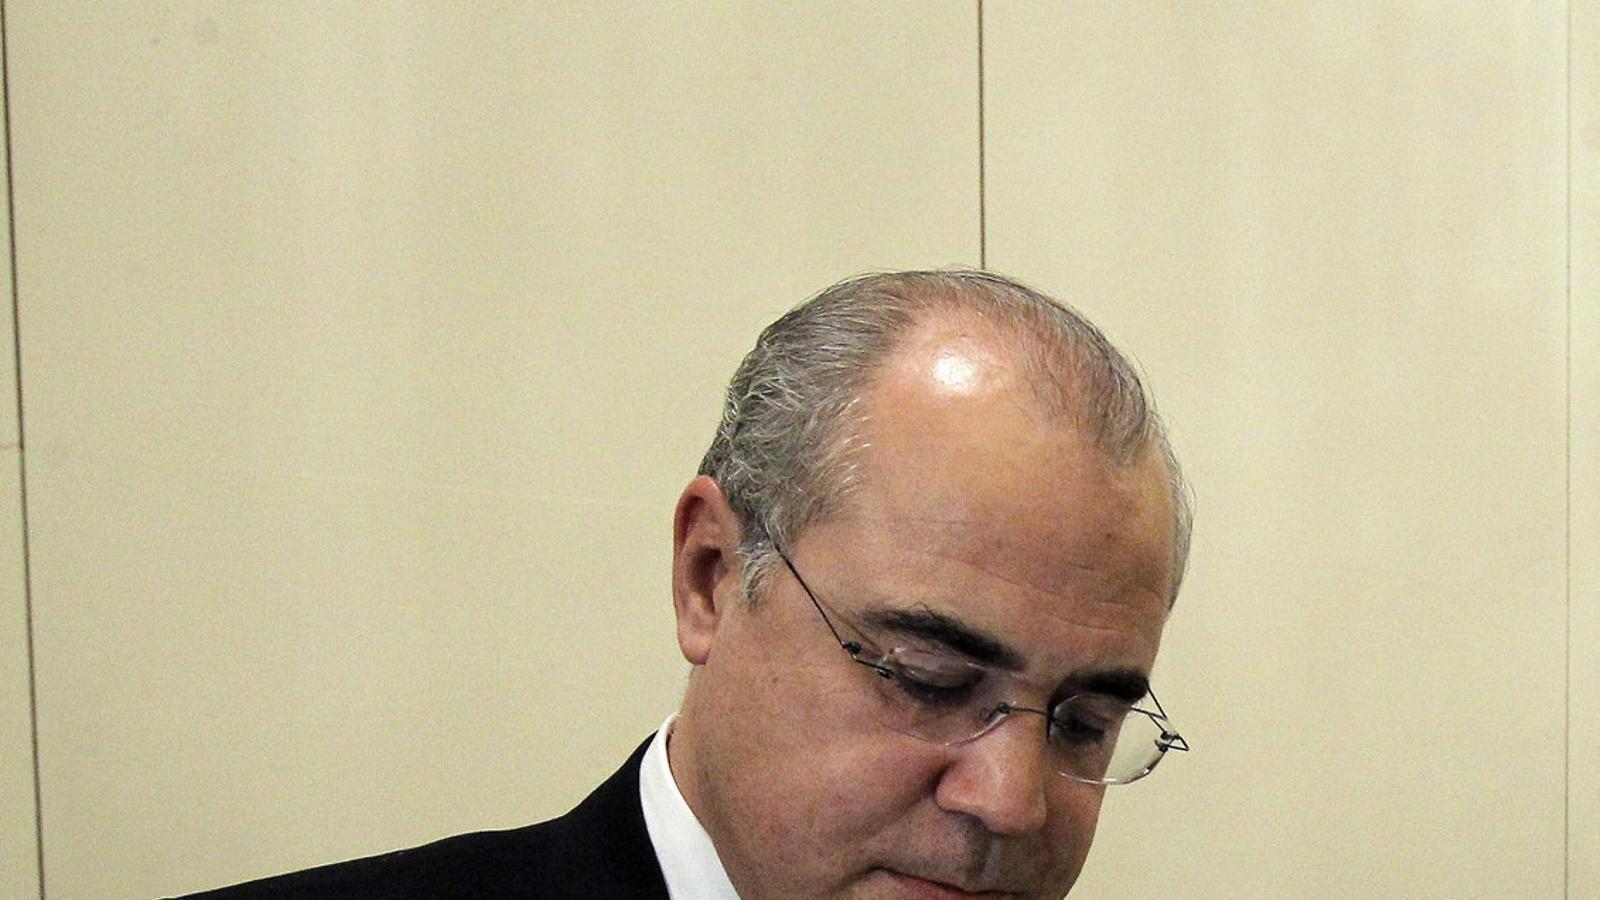 El jutge del Tribunal Suprem Pablo Llarena, en una imatge d'arxiu.